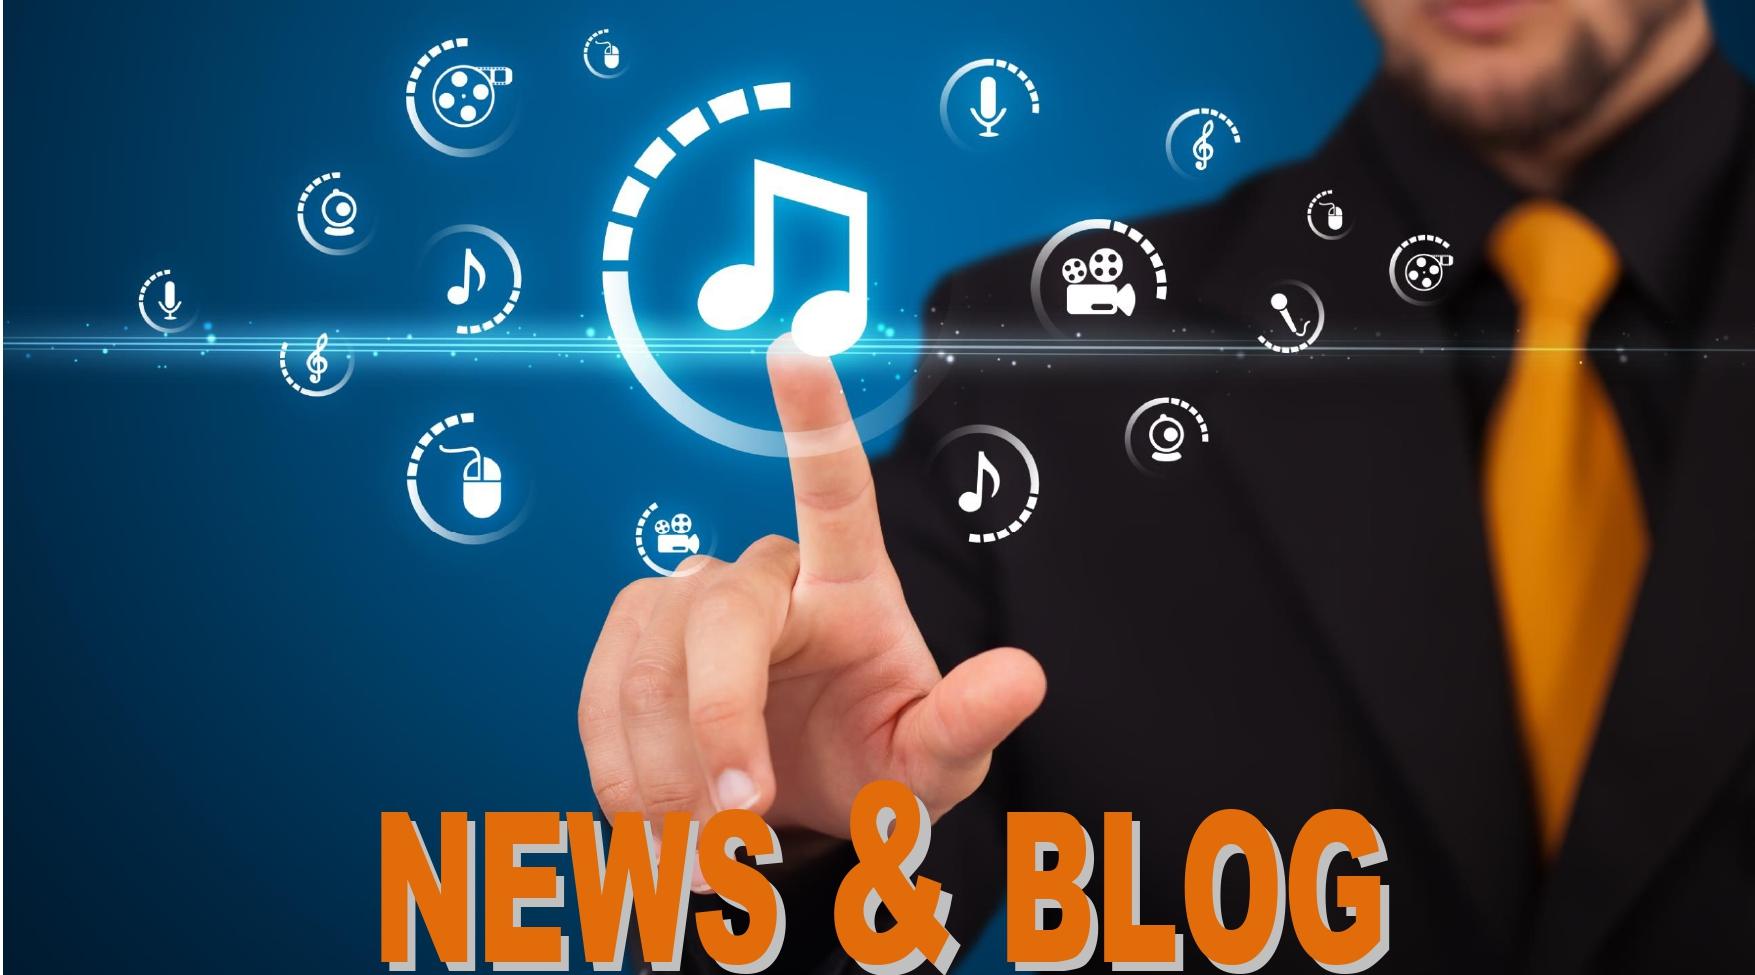 news&blog immagine per link